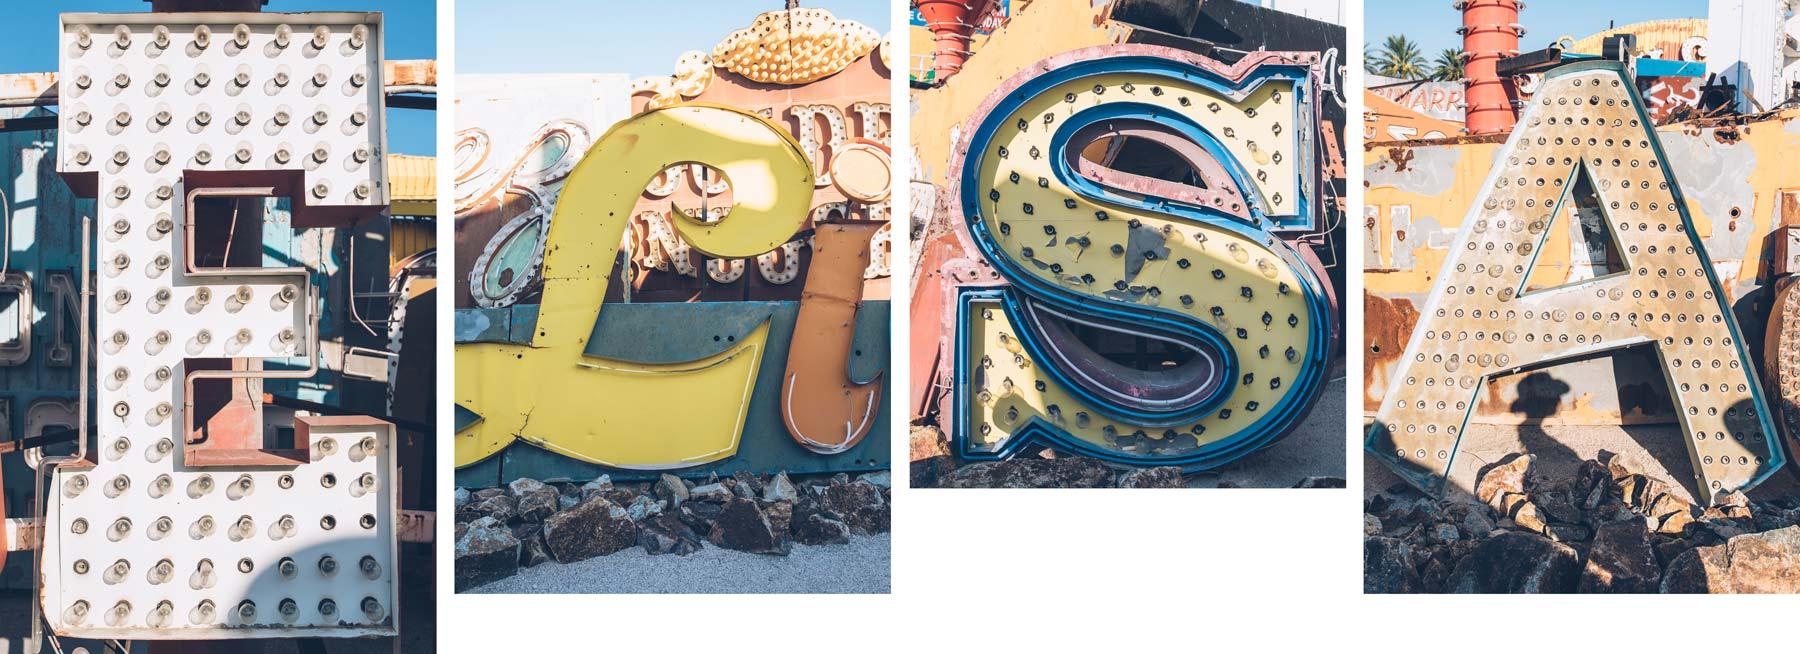 Neon Museum, Las Vegas, USA